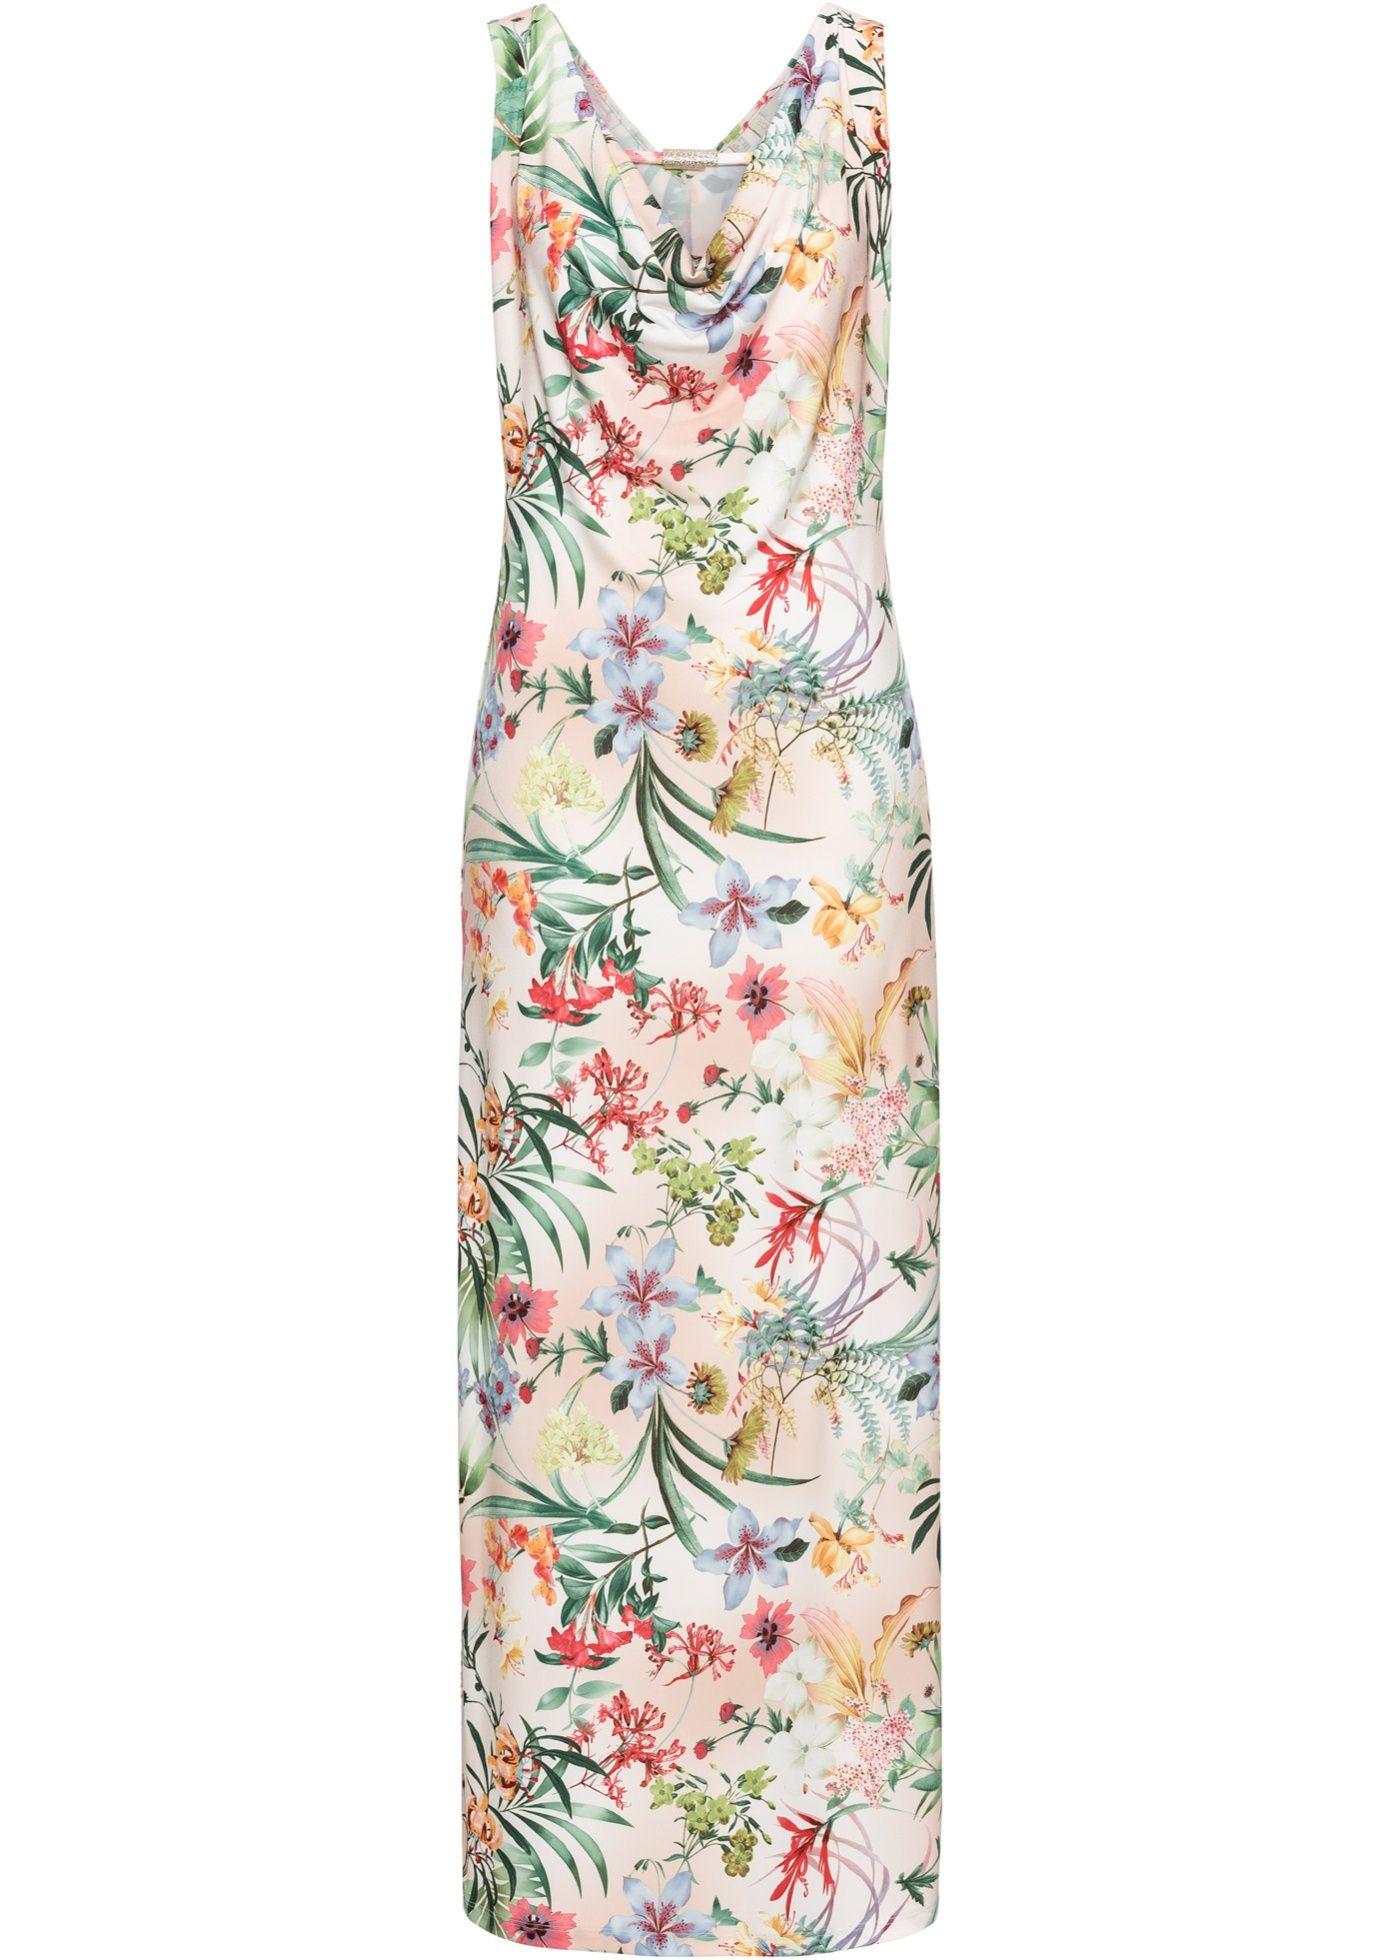 Maxikleid mit floralem Print (mit Bildern) | Kleider, Maxi ...